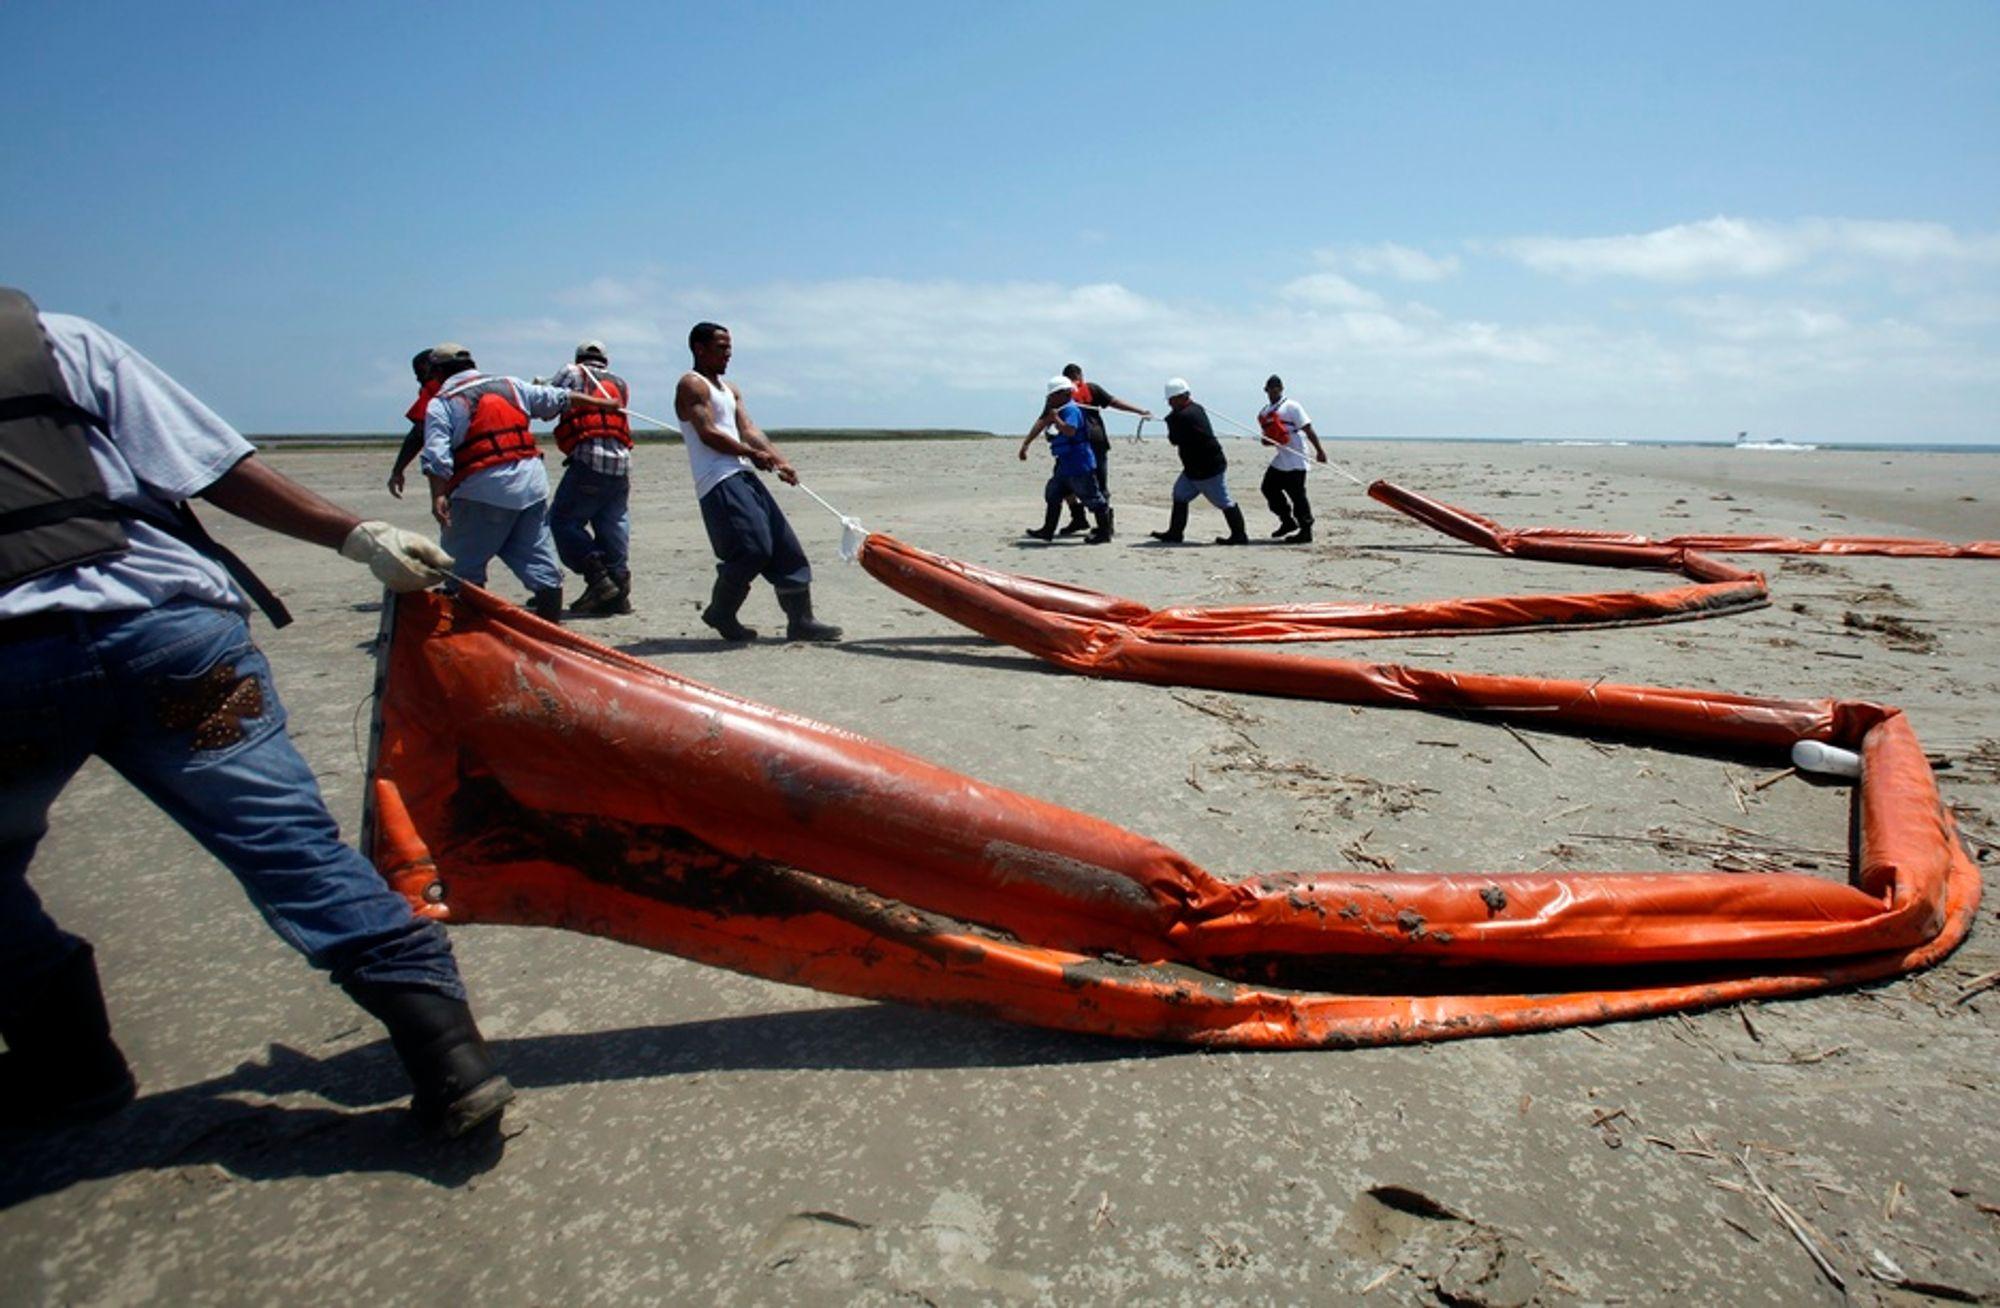 TILSKUDD: Fiskeri- og kystdepartementet tilbyr USA  fem systemer med kraftige havgående lenser og fire systemer med mellomtunge lenser - mot full økonomisk kompensasjon.